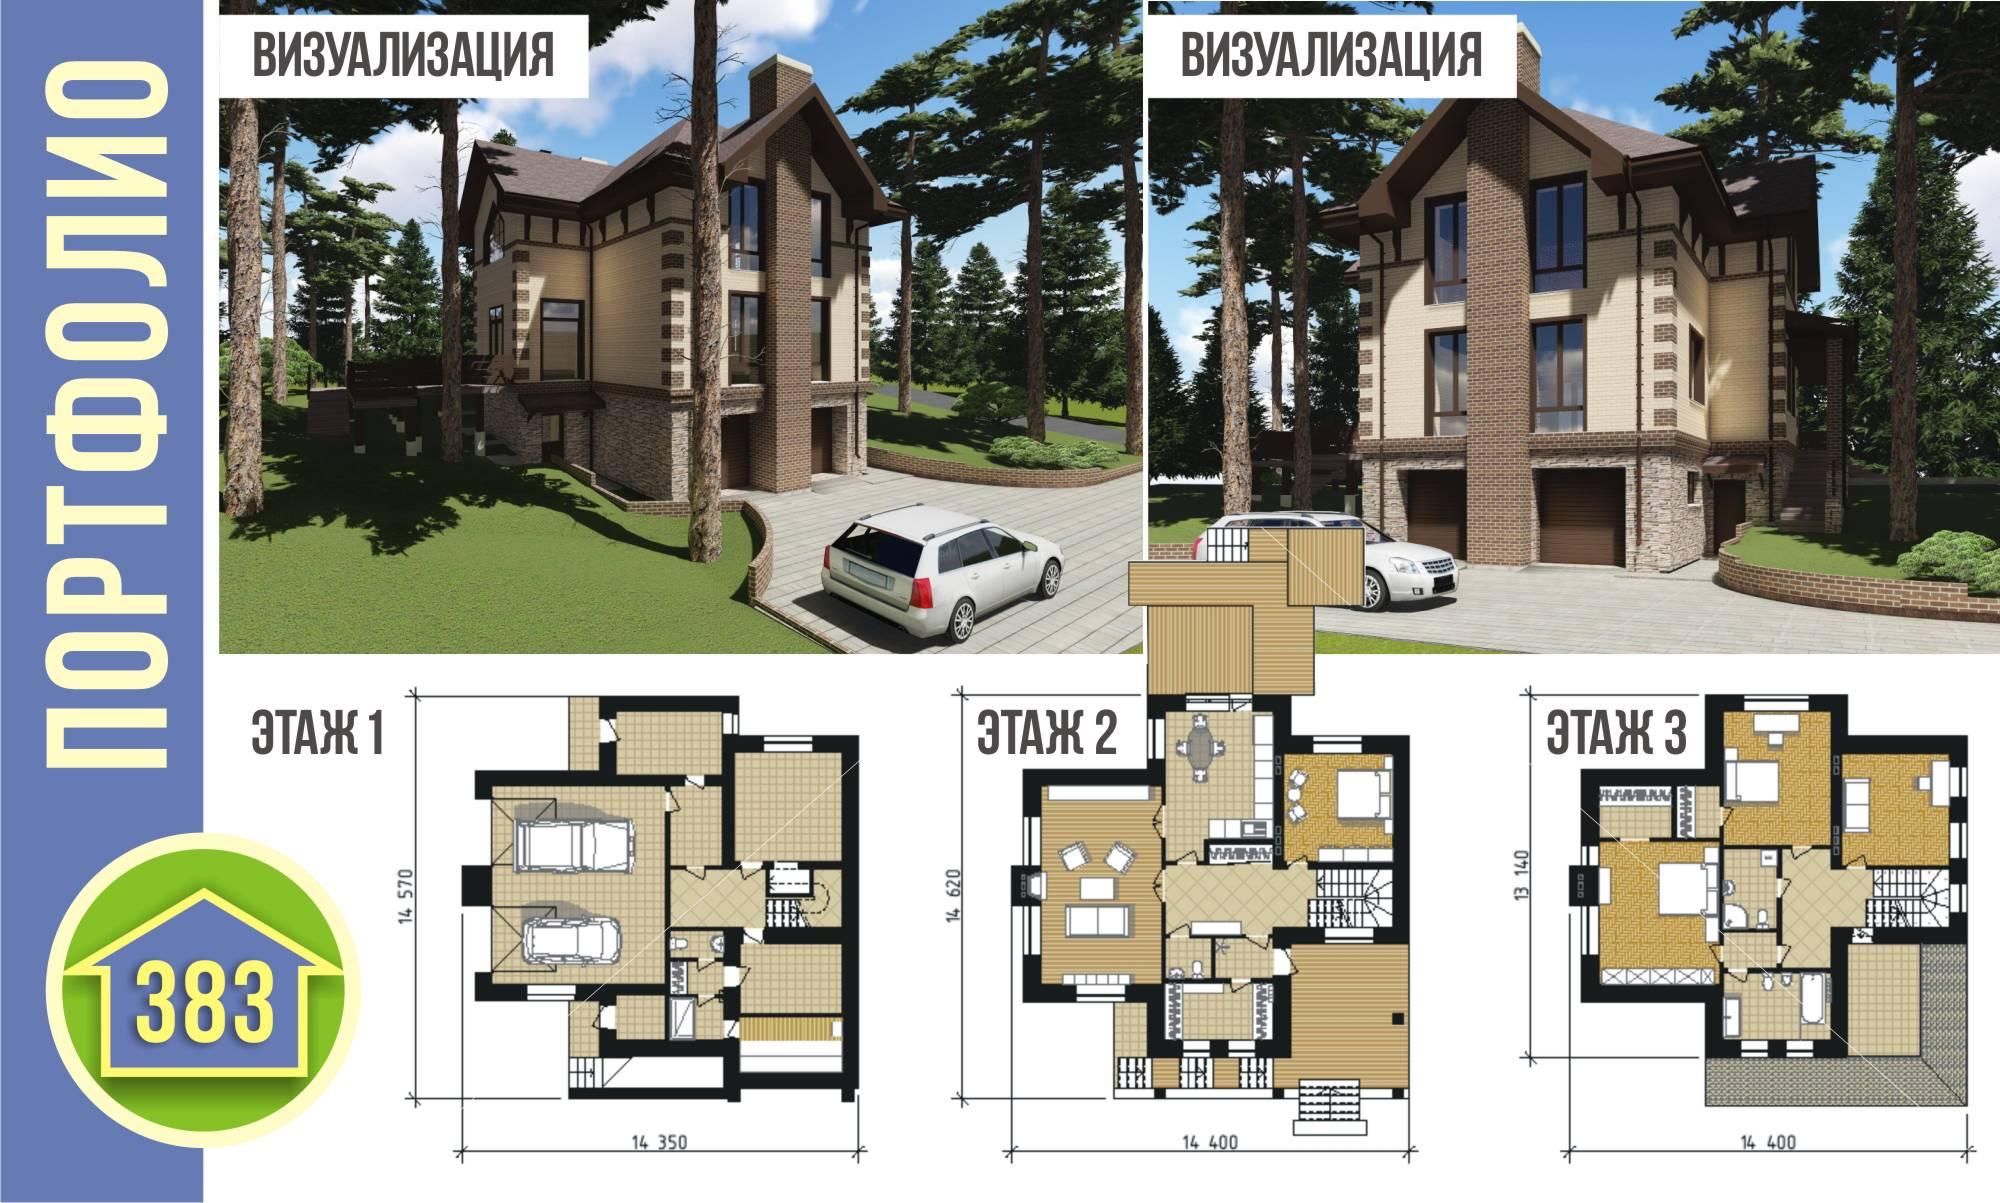 Проект двухэтажного кирпичного дома на рельефе